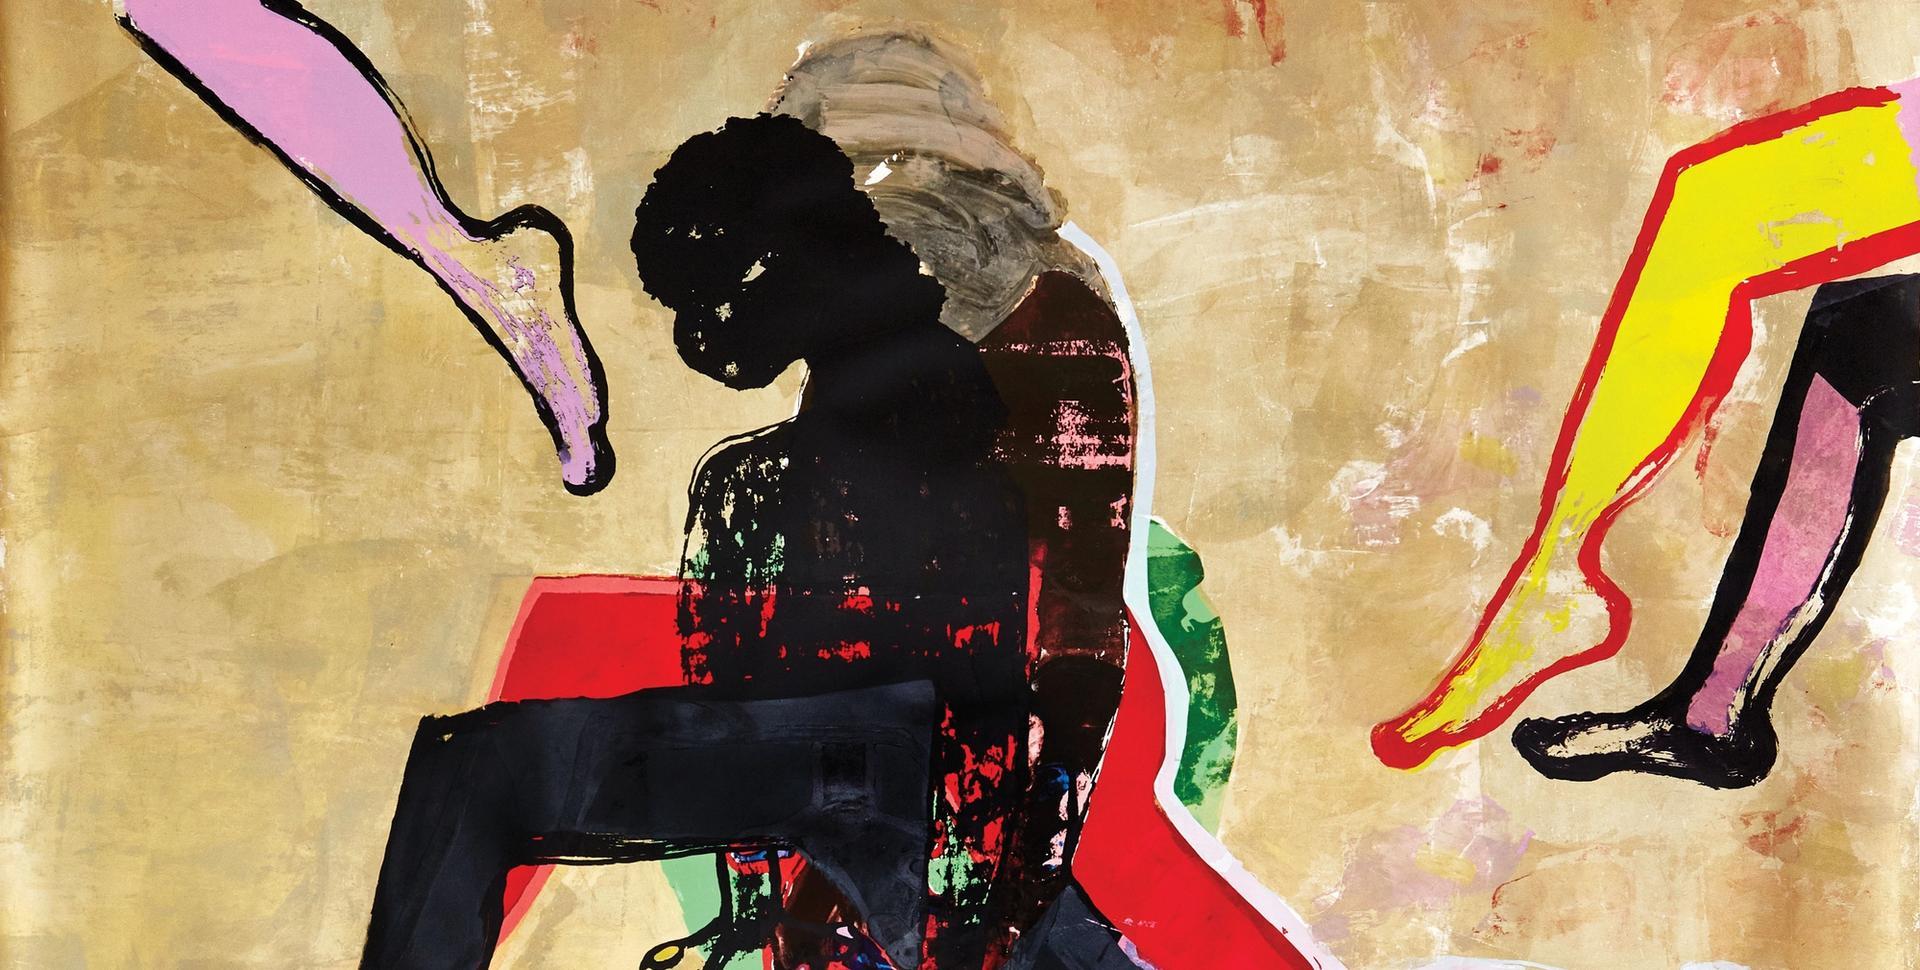 Virginia Chihota's Kumira Mutariro (Waiting in Faith) 2017 Virginia Chihota's Kumira Mutariro (Waiting in Faith) (2017) Courtesy of Tiwani Contemporary